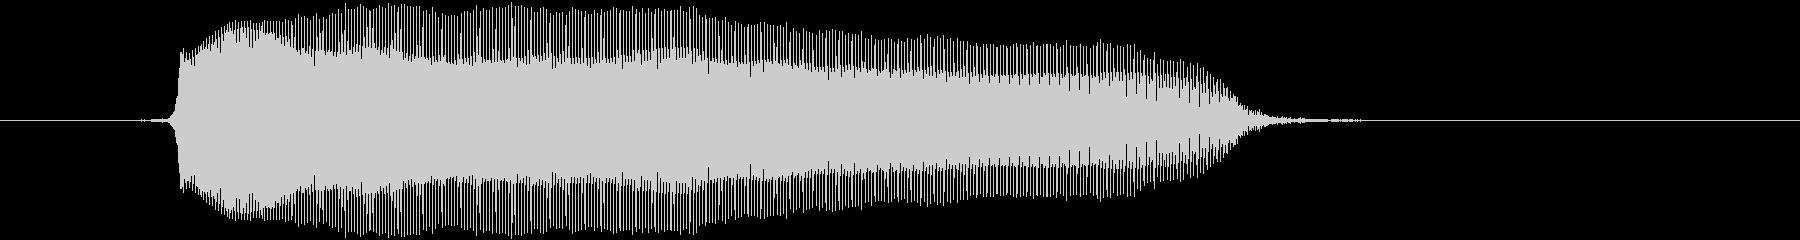 「ううー」の未再生の波形